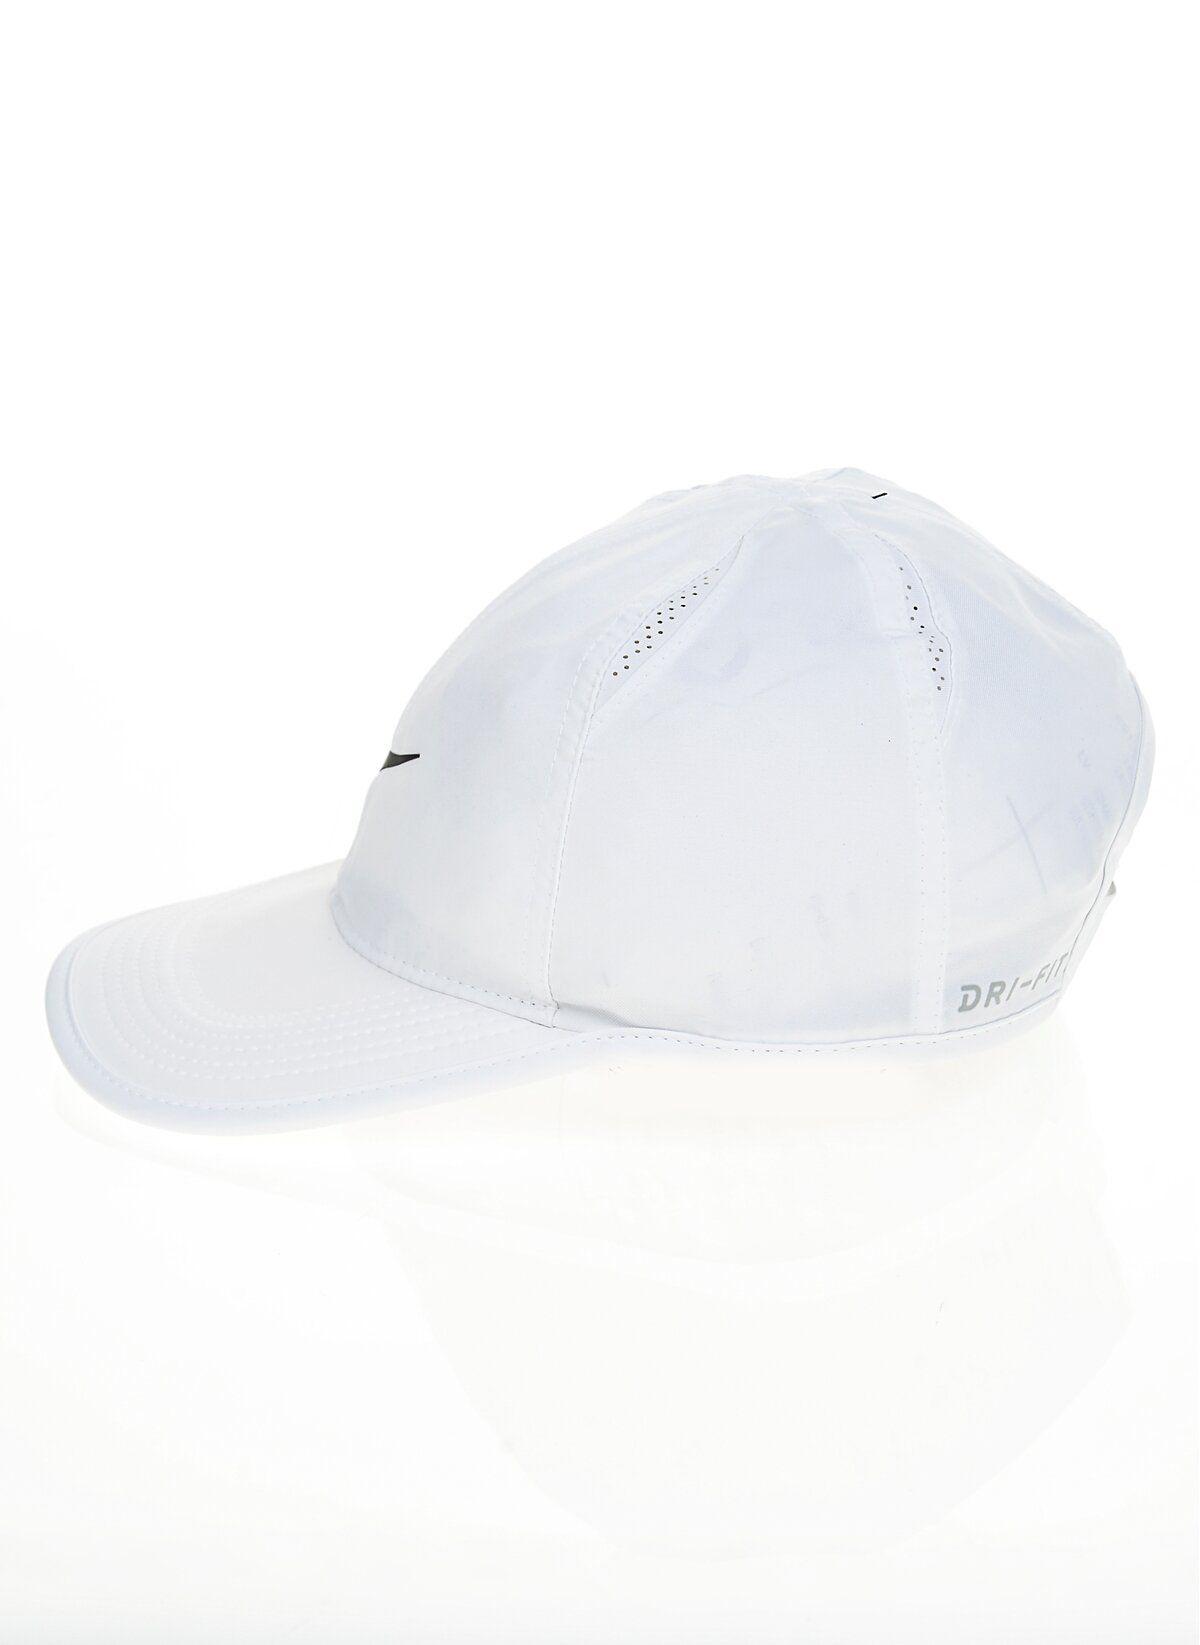 Boné Nike Aerobill - Branco